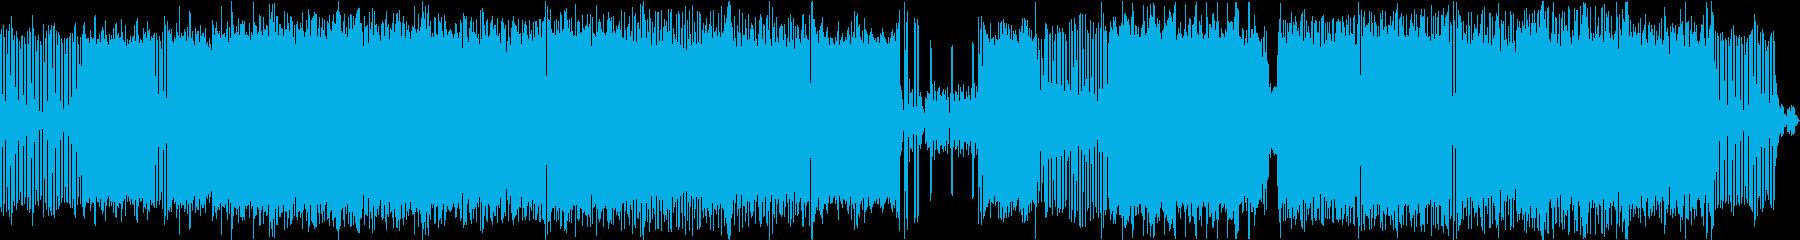 エレクトロハウス。ミステリアス。の再生済みの波形